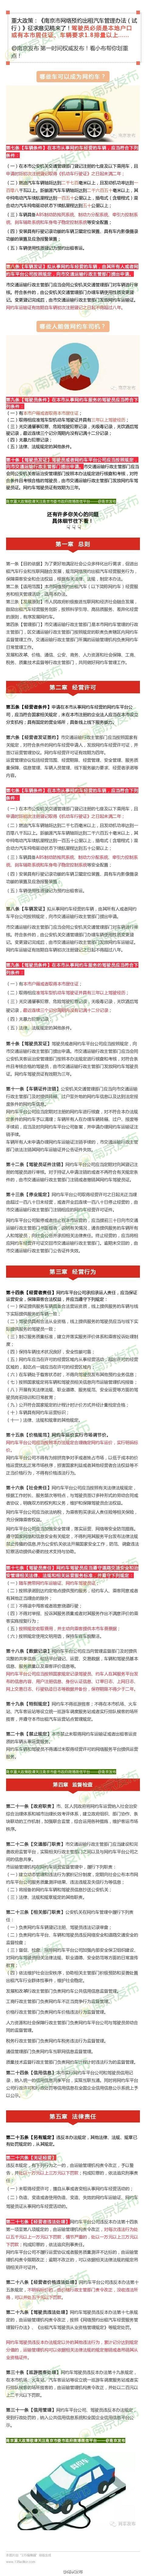 南京出台网约车细则:驾驶员须当地户口或有寓居证